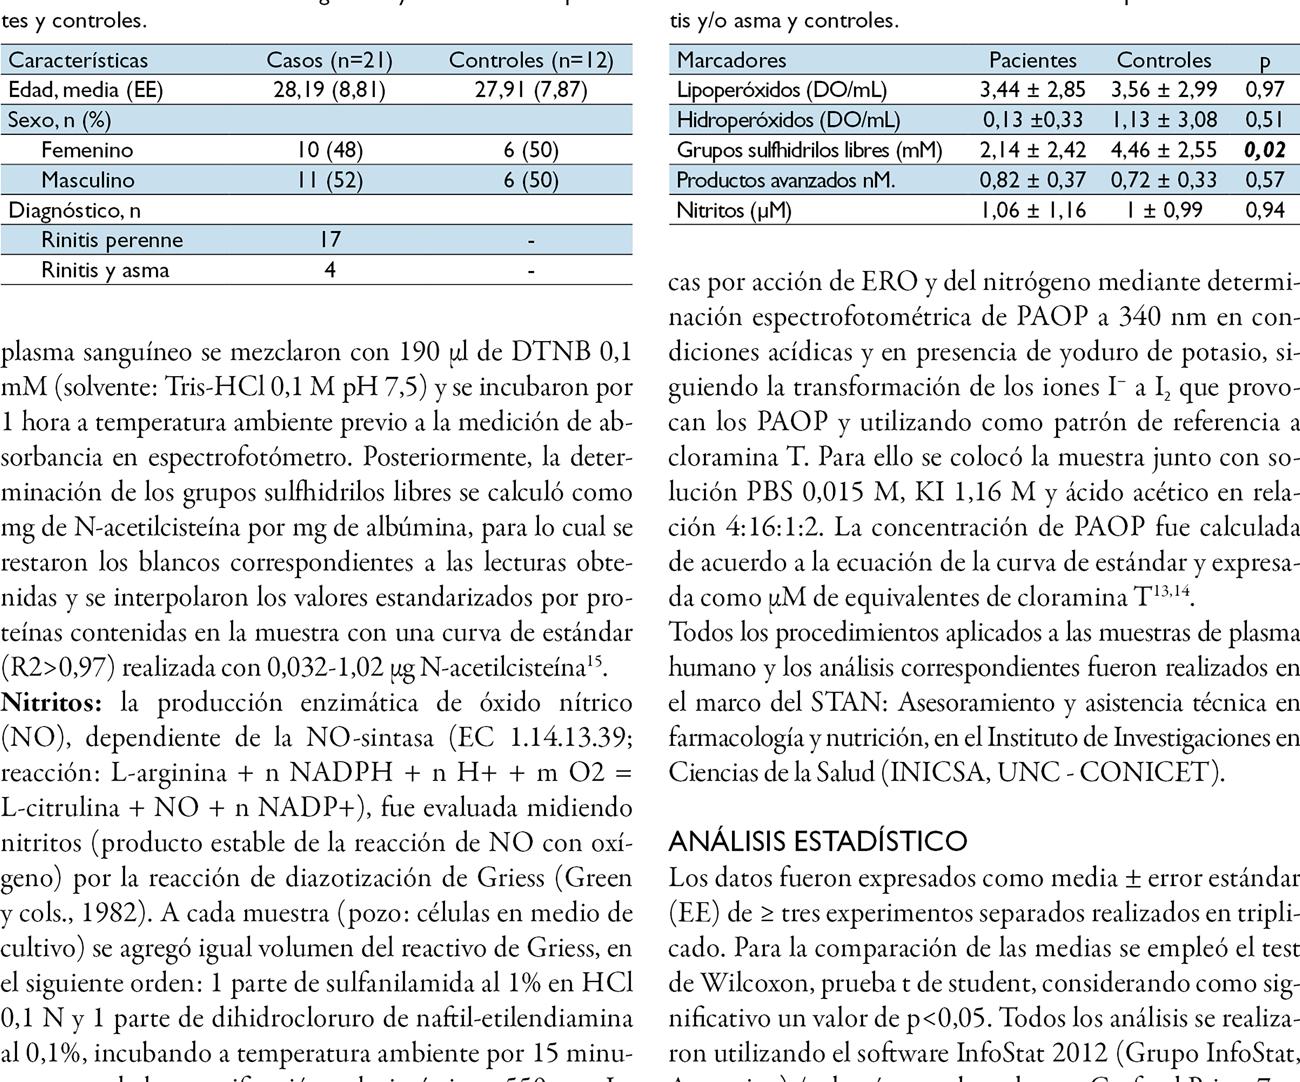 Evaluación del estrés oxidativo en pacientes con rinitis y asma bronquial alérgica